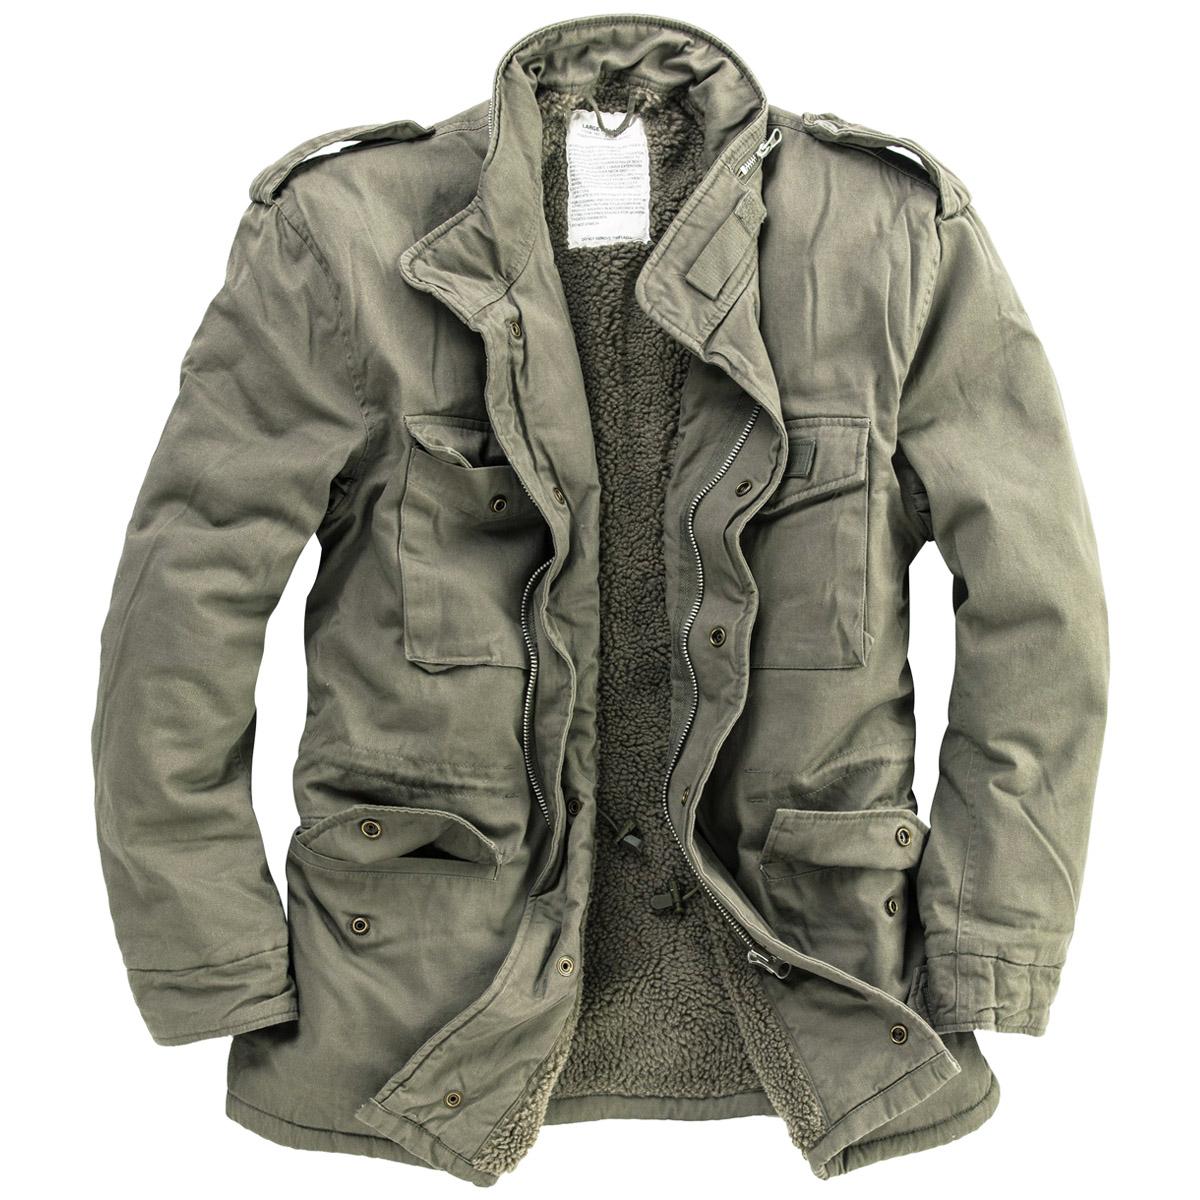 SURPLUS M65 FELDJACKE JACKE PARKA Fieldjacket Winter Jacke US Ranger S-XXL